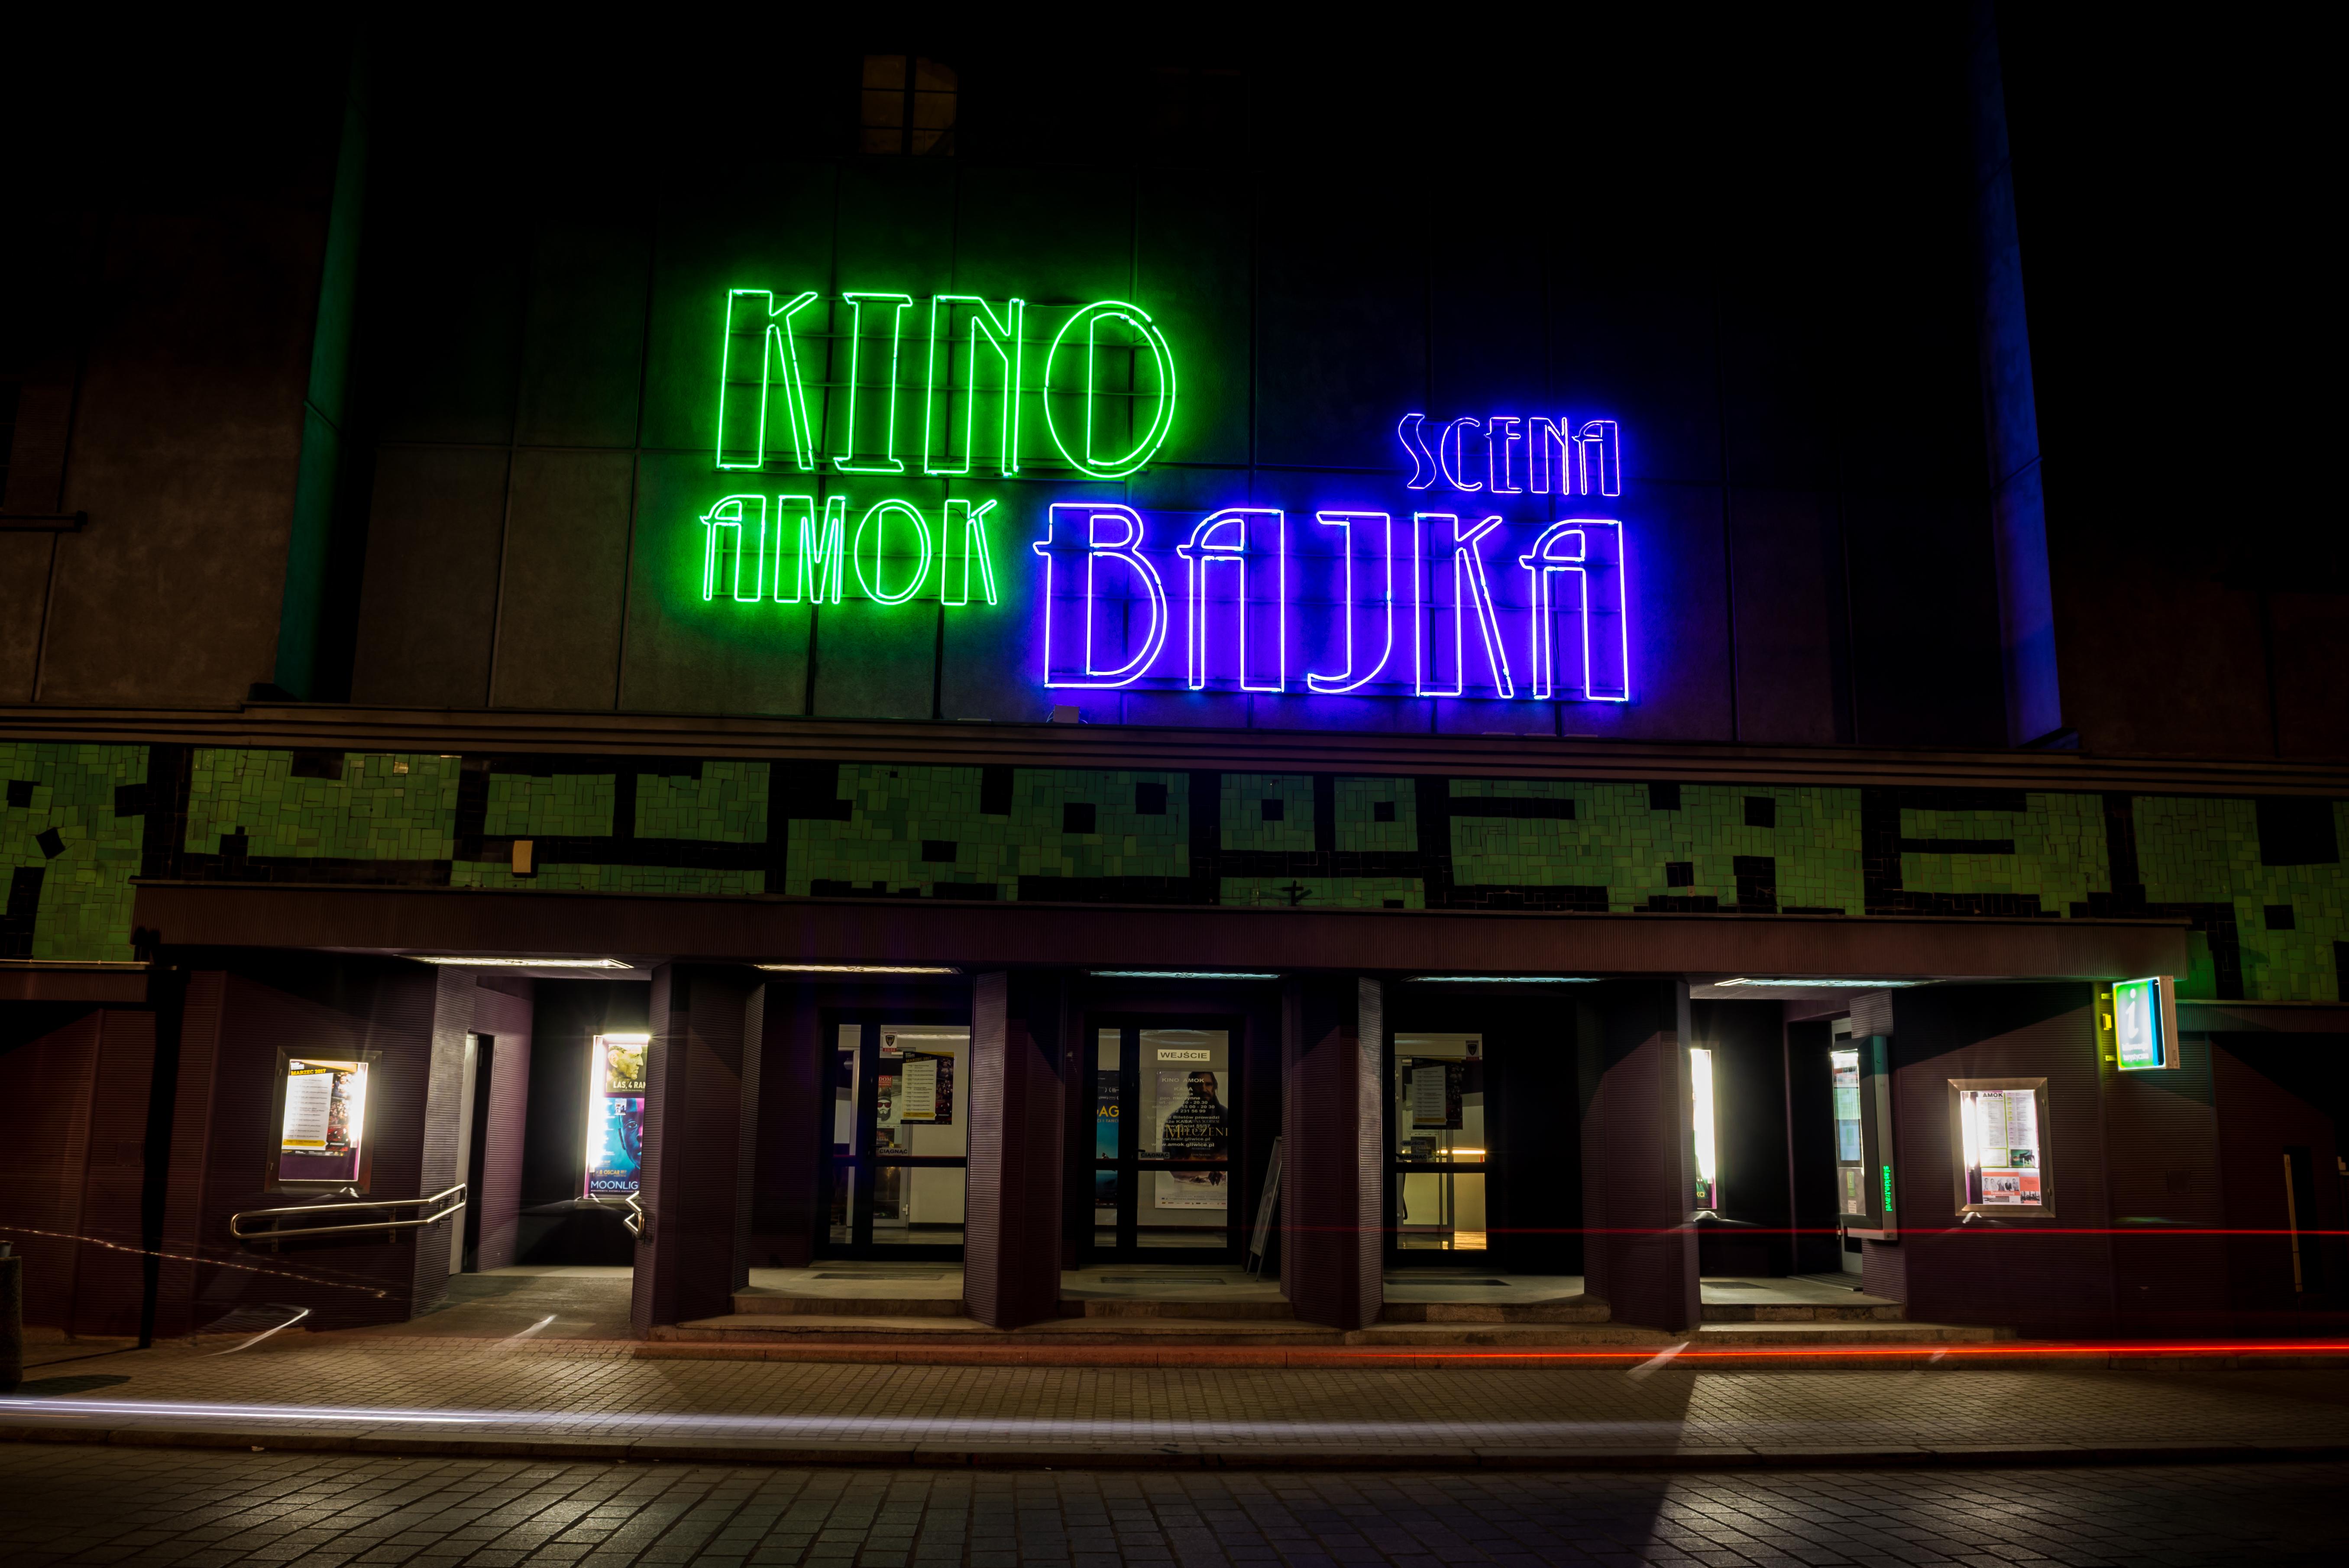 Scena Bajka – Kino Amok w nocy, widok z ulicy